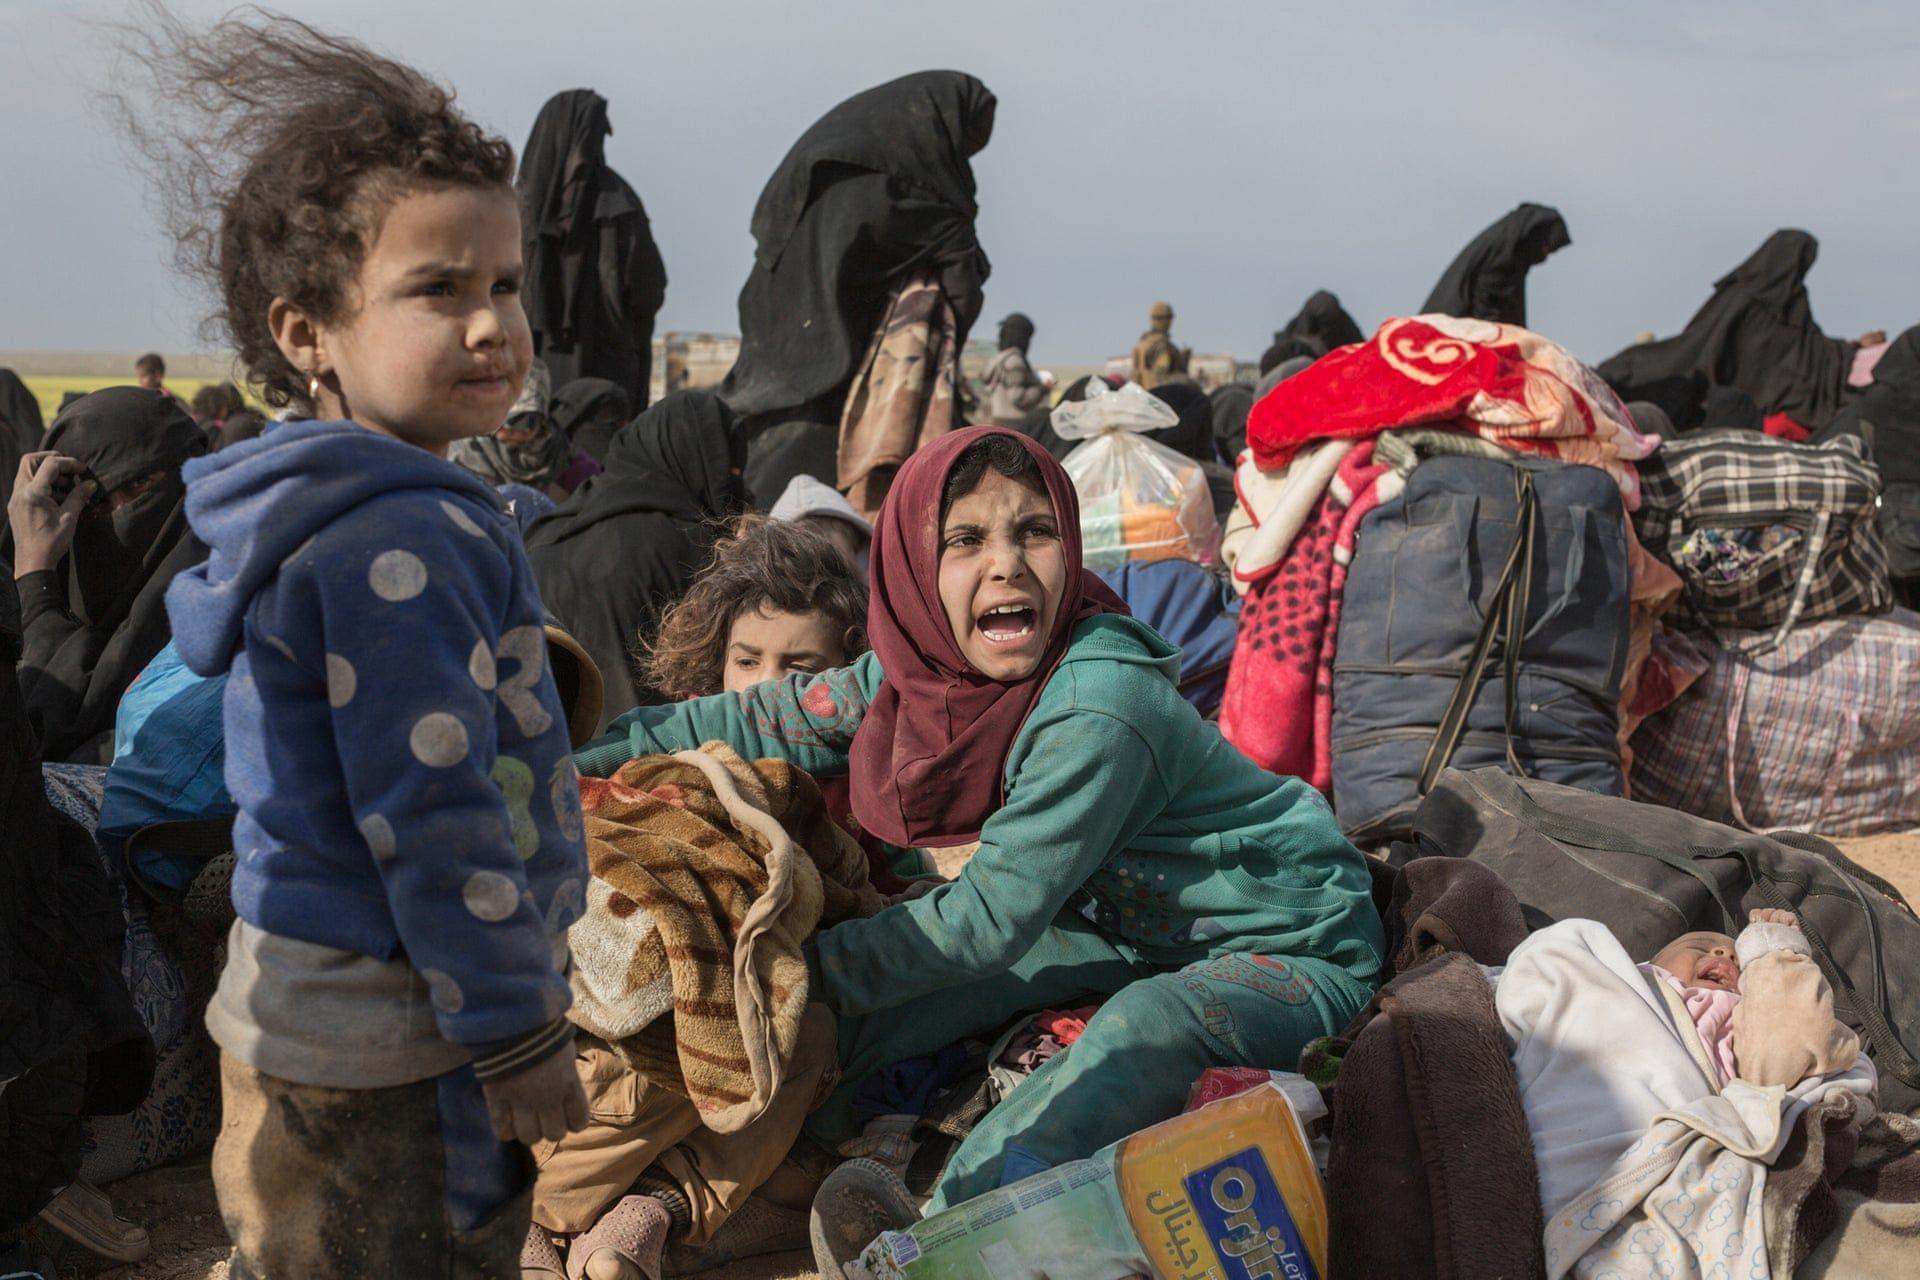 Az iszlám állam utolsó Szíriában fennmaradó területéről menekülő civilek, két napnyi harcok után várakoznak hogy menekülttáborba szállítság őket. Fotó: Sam Tarling/Daily Telegraph / thebppa